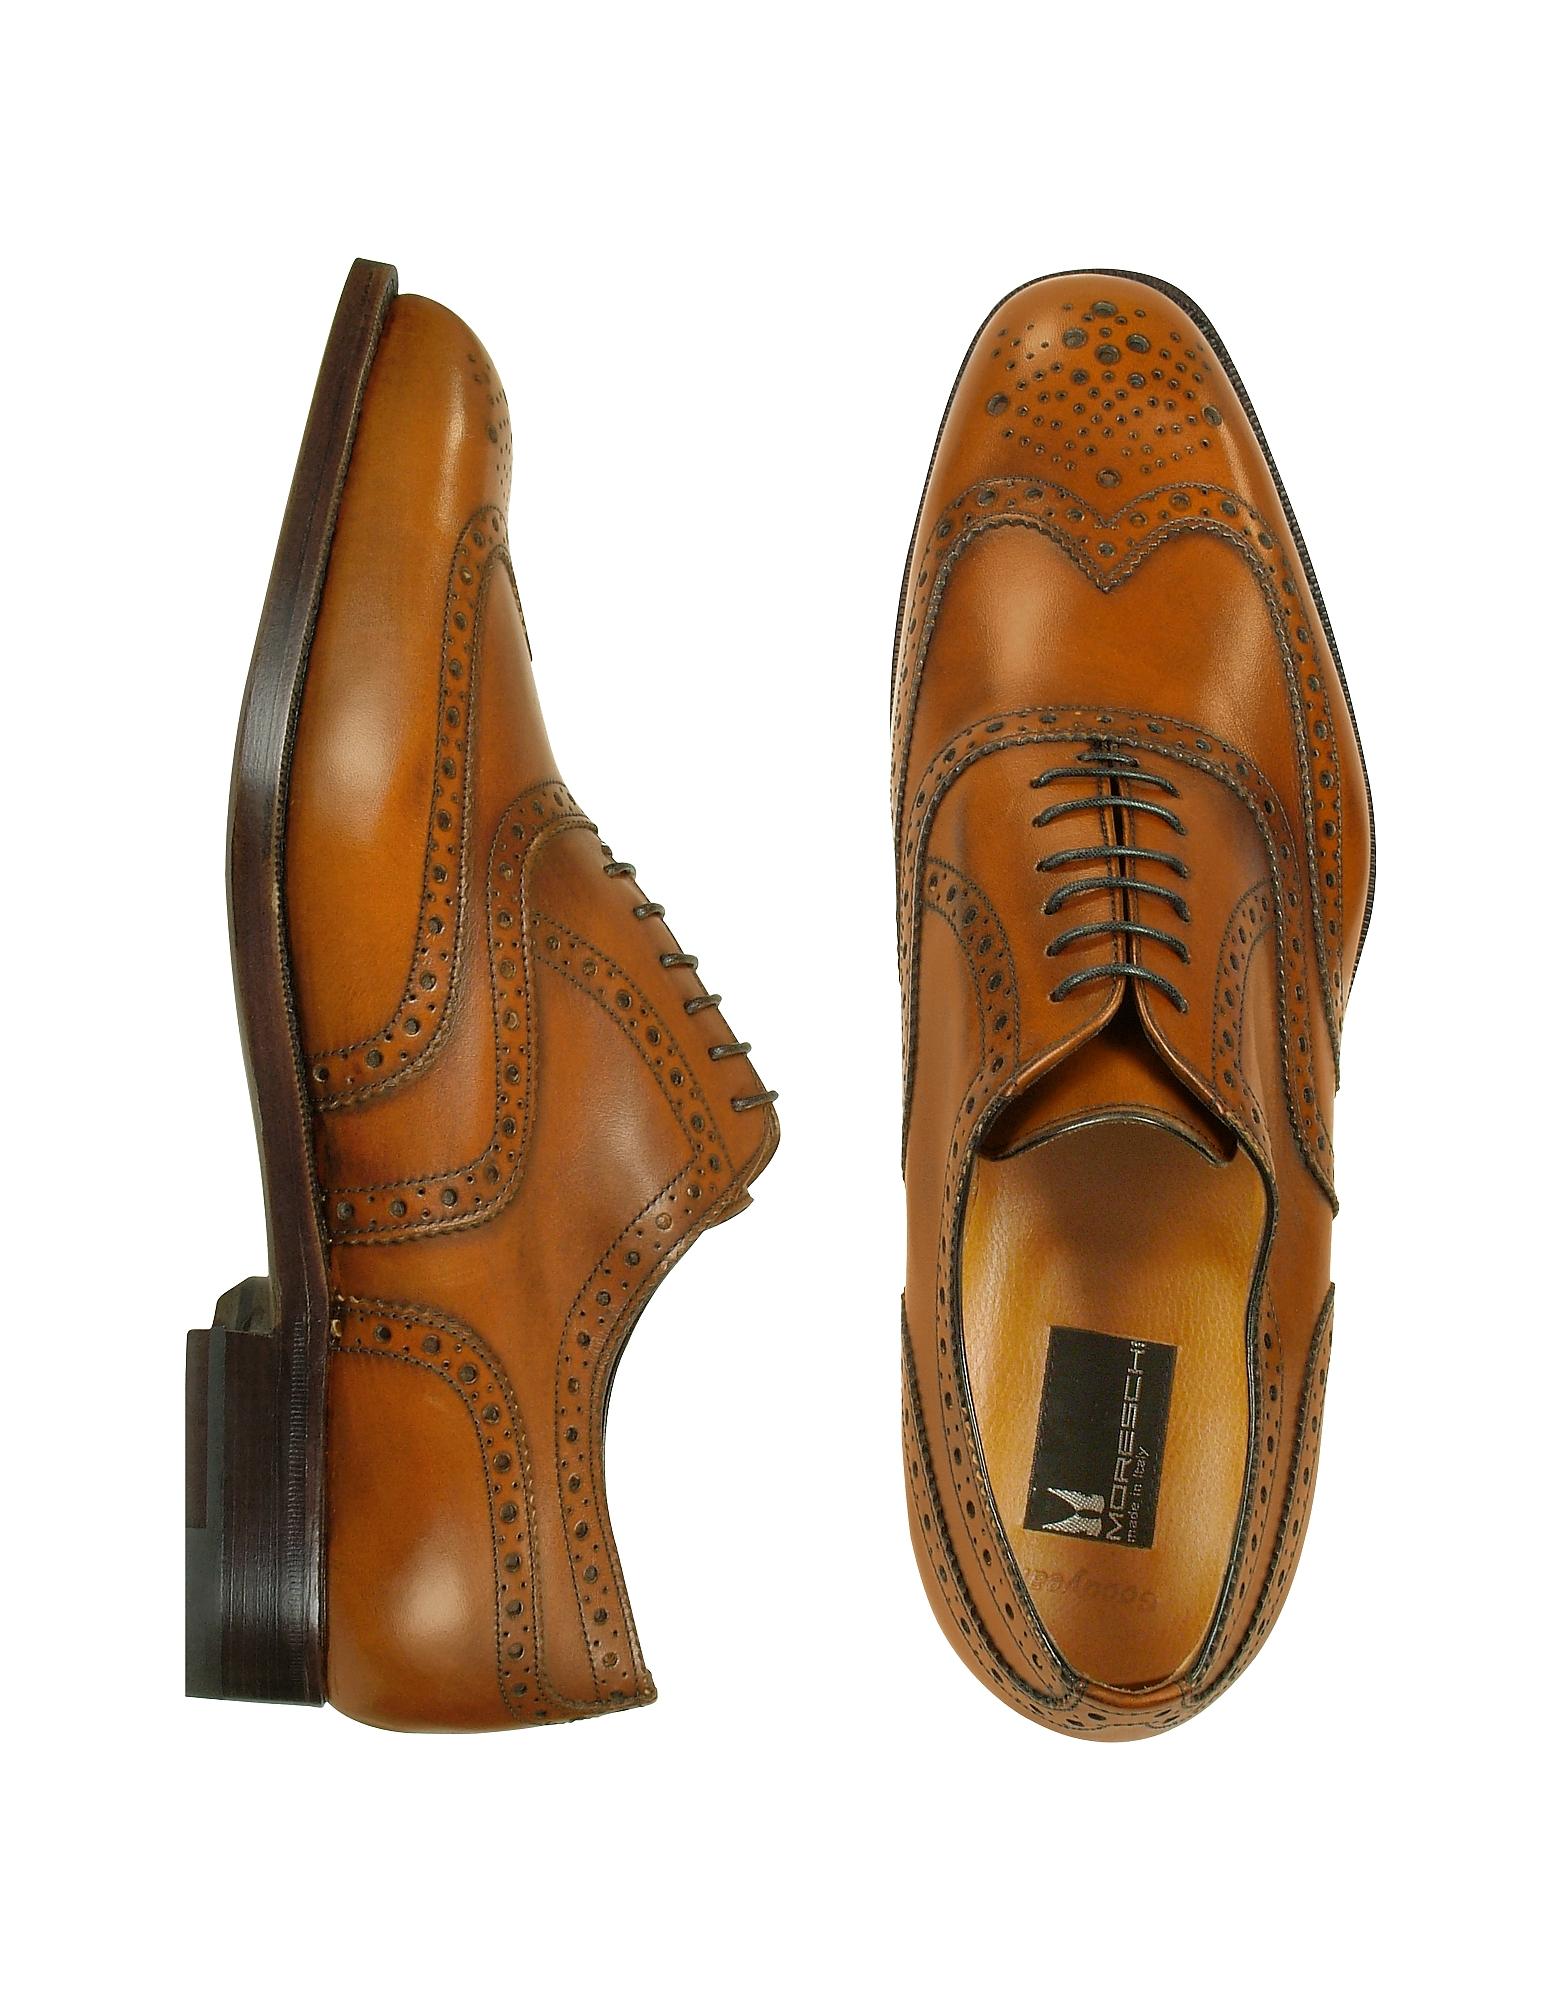 Фото Oxford - Декорированные Туфли из Кожи Теленка Цвета Загара. Купить с доставкой